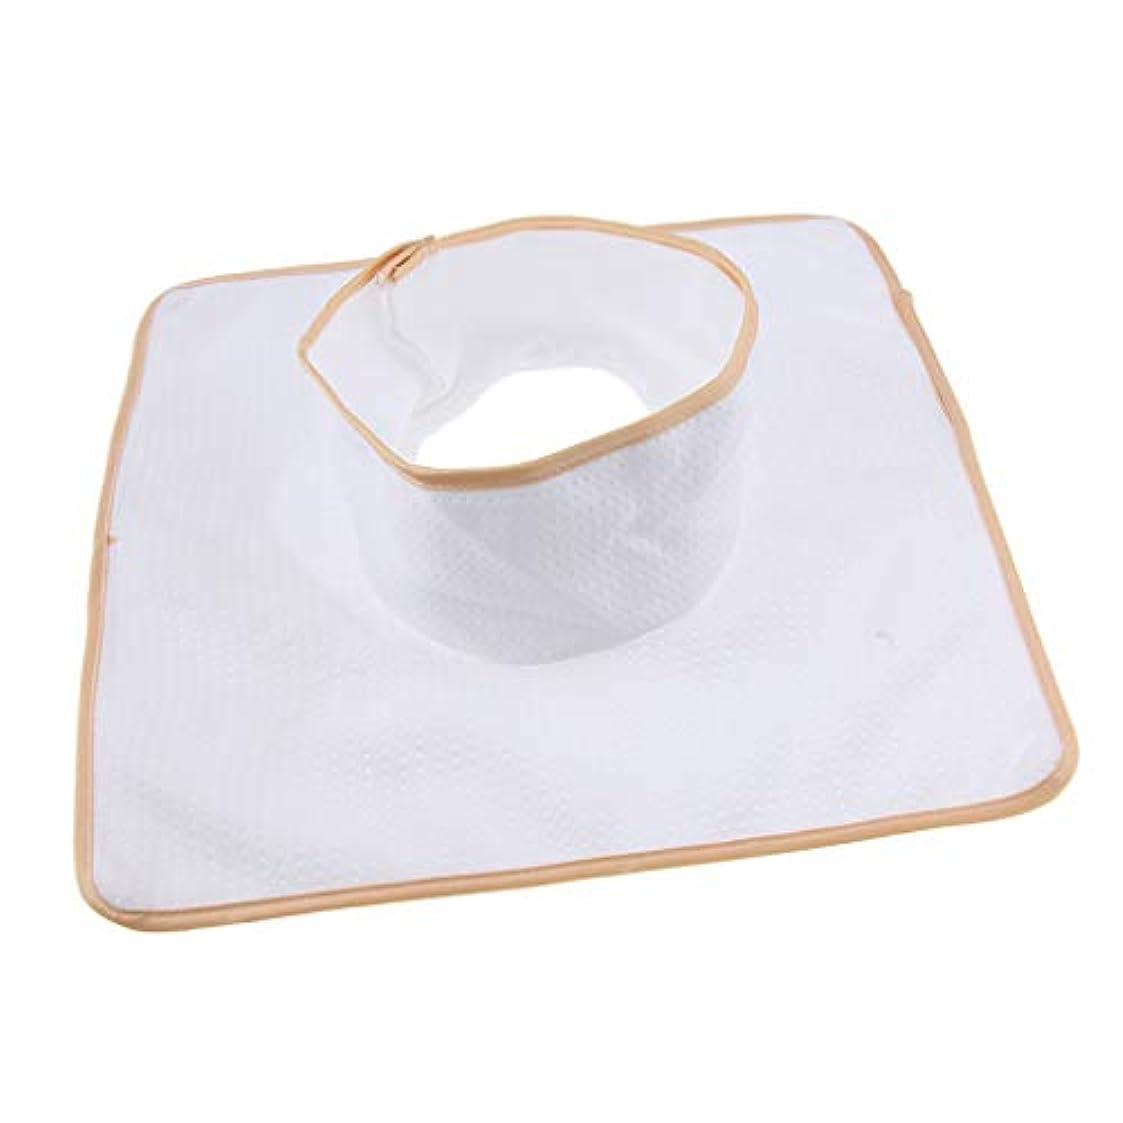 レンダー非難移行マッサージ ベッド テーブル ヘッドパッド 頭の穴付 再使用可能 約35×35cm 全3色 - 白